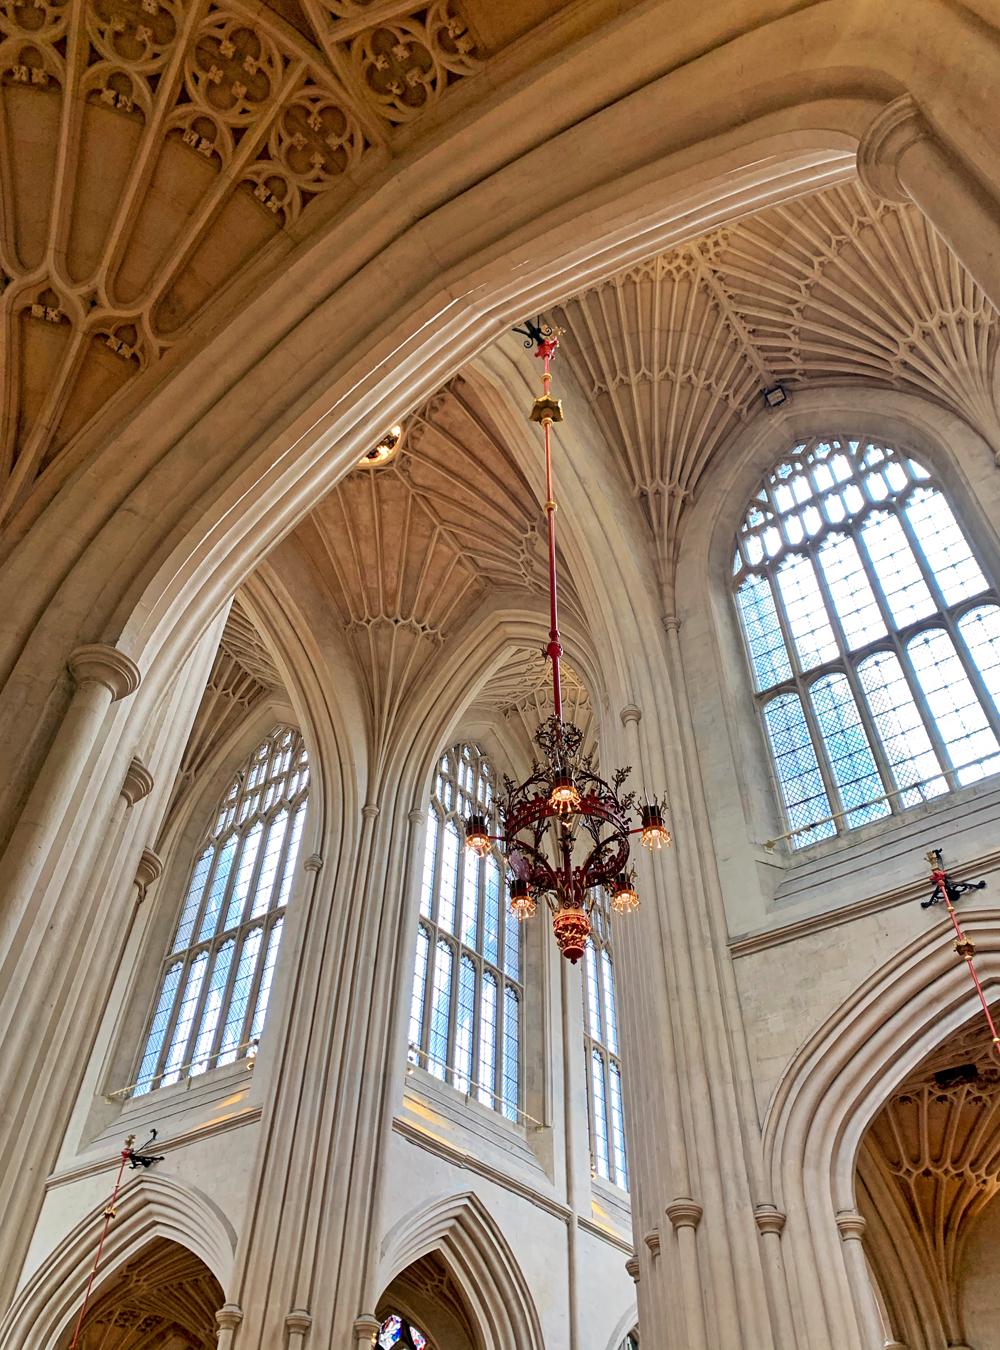 Bath Abbey fan vaulting, English architecture - Emma Louise Layla, UK travel & lifestyle blog